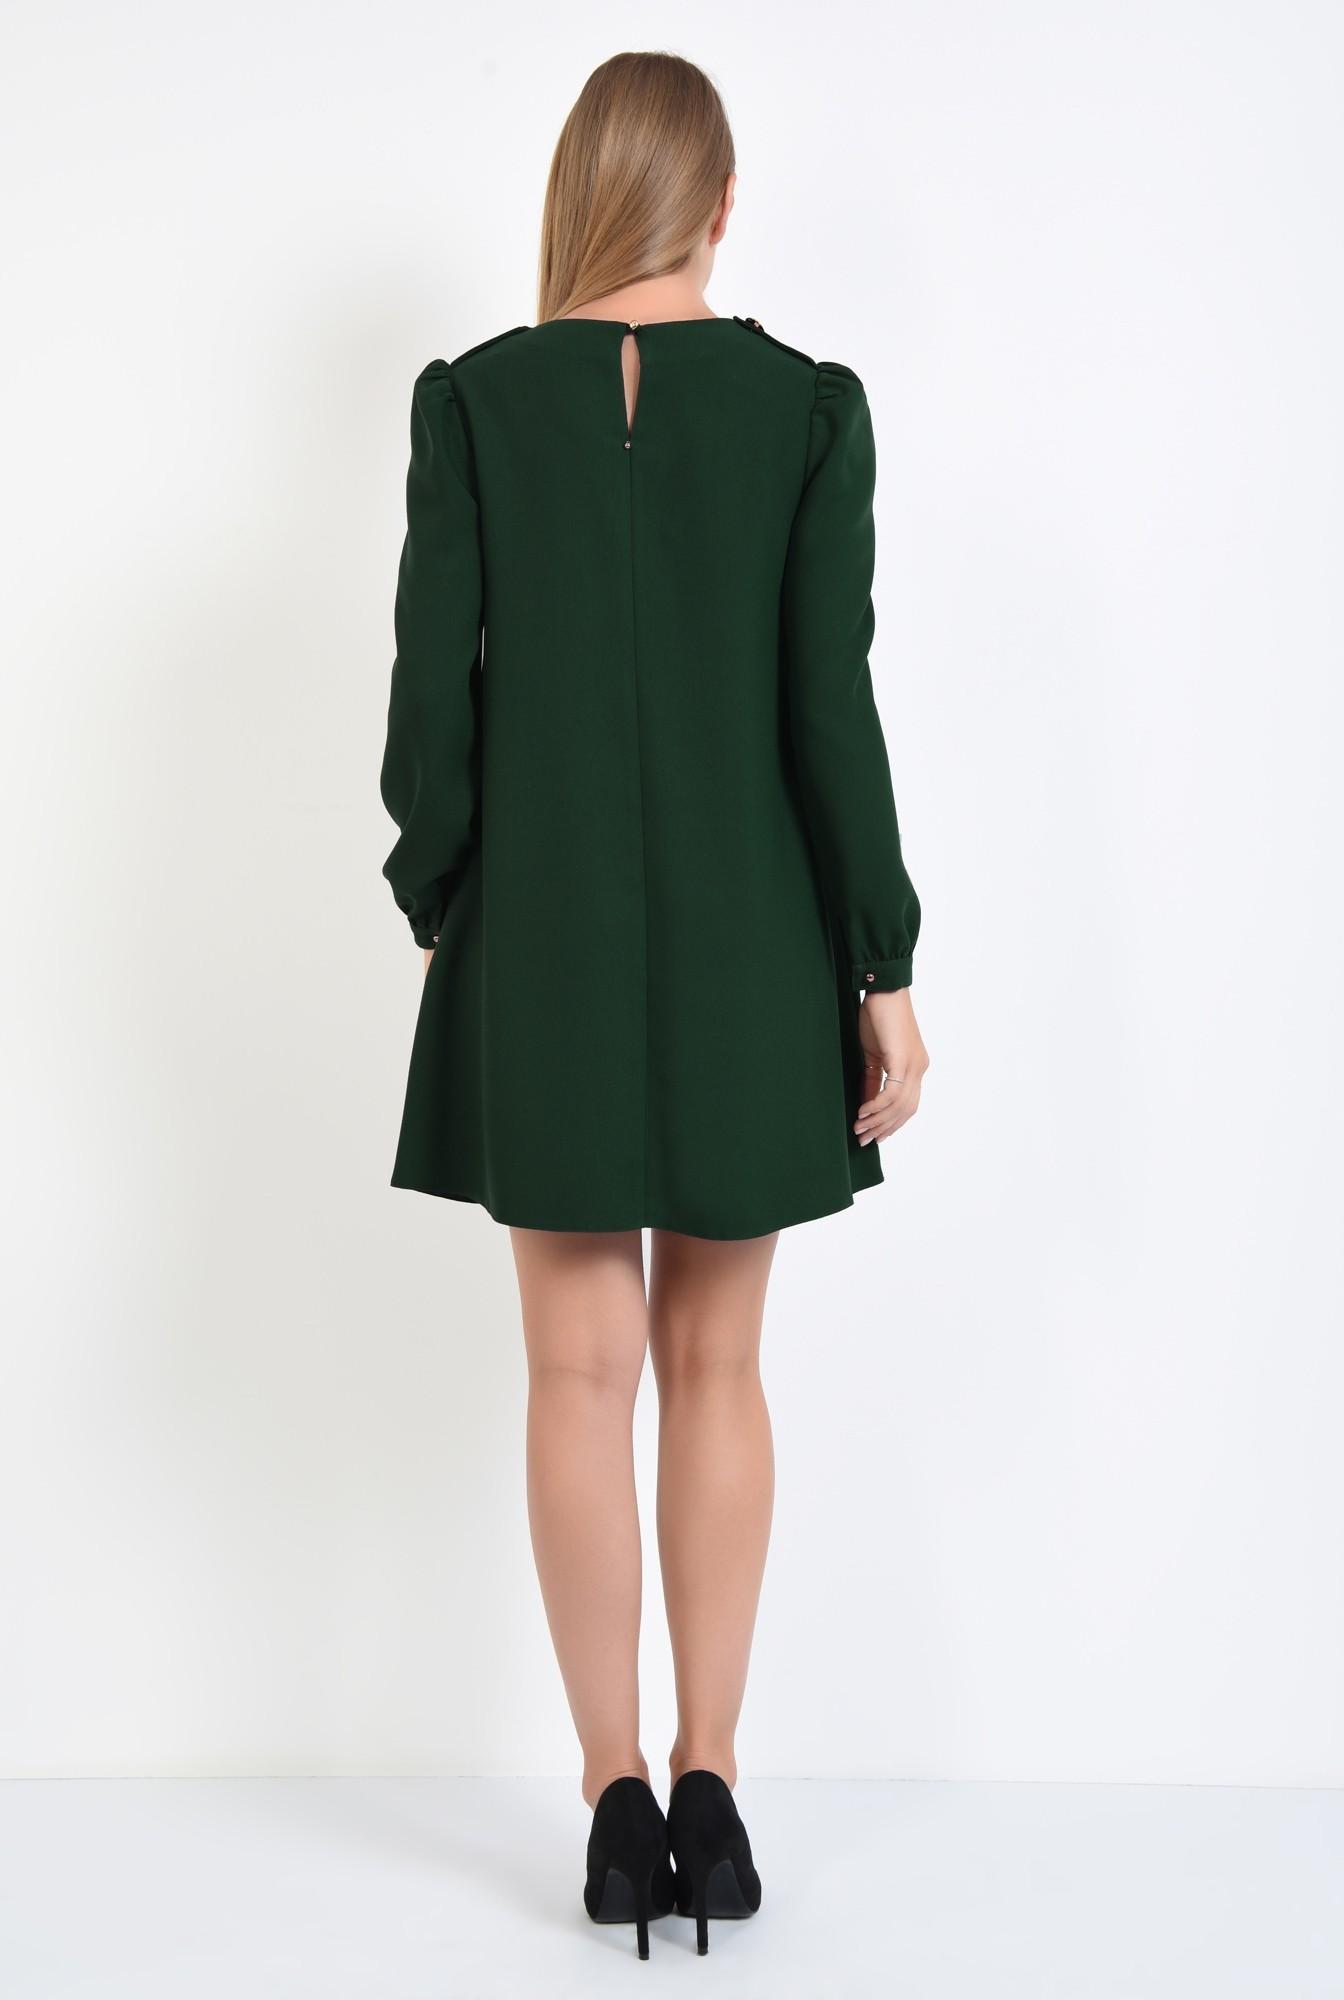 1 - 360 - rochie de zi, croi evazat, verde inchis, epoleti, cu nasture fantezie